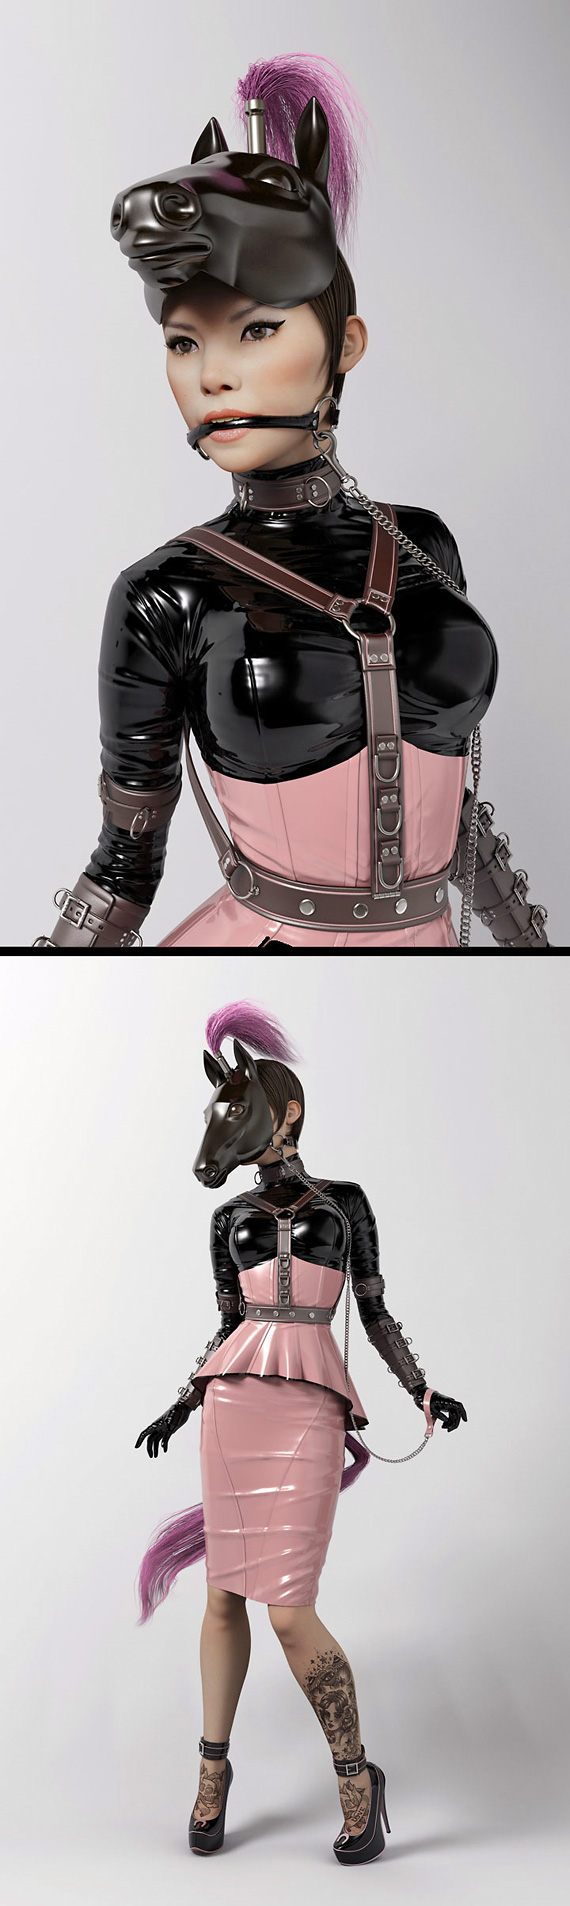 Women As Inspiration for 3D Art 18